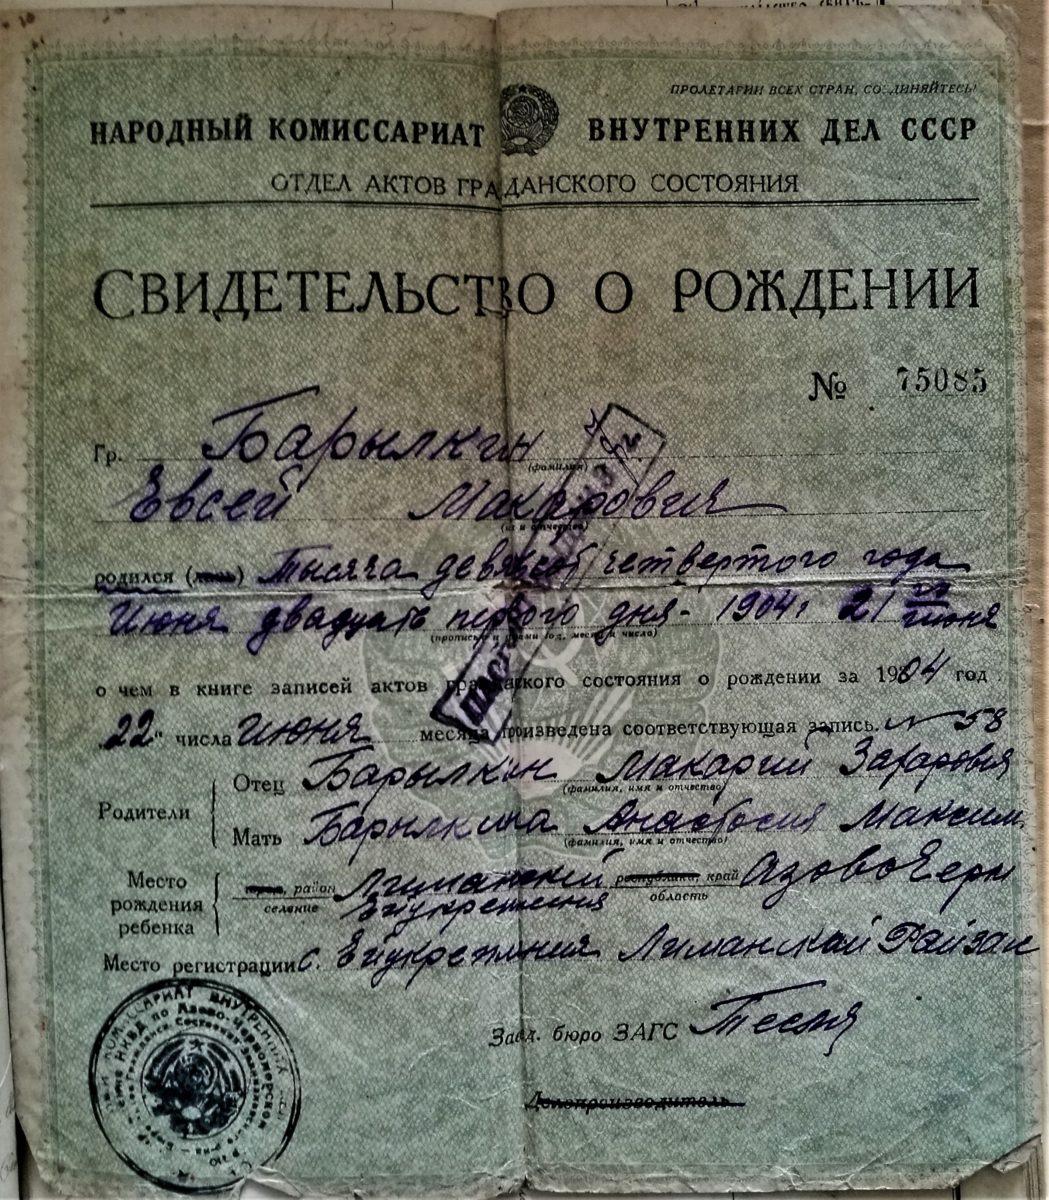 Свидетельство о рождении Барылкин Евсей паспорт выдан в 1937 году